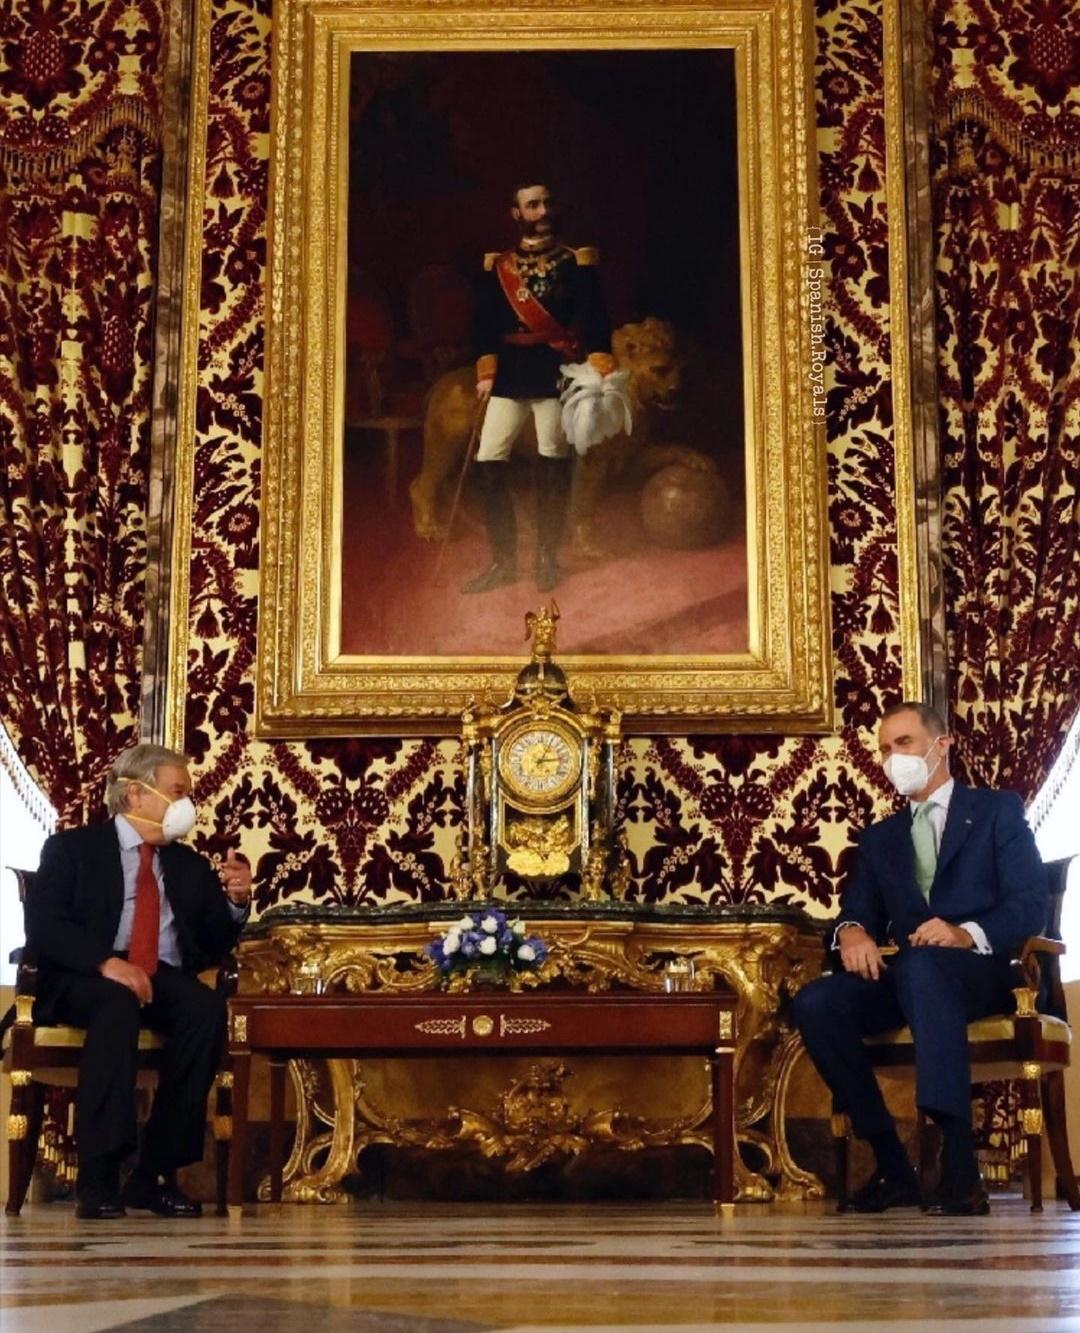 الملك فيليب السادس وأنطونيو غوتيريش- الصورة من حساب Spanish Royals على إنستغرام.jpg